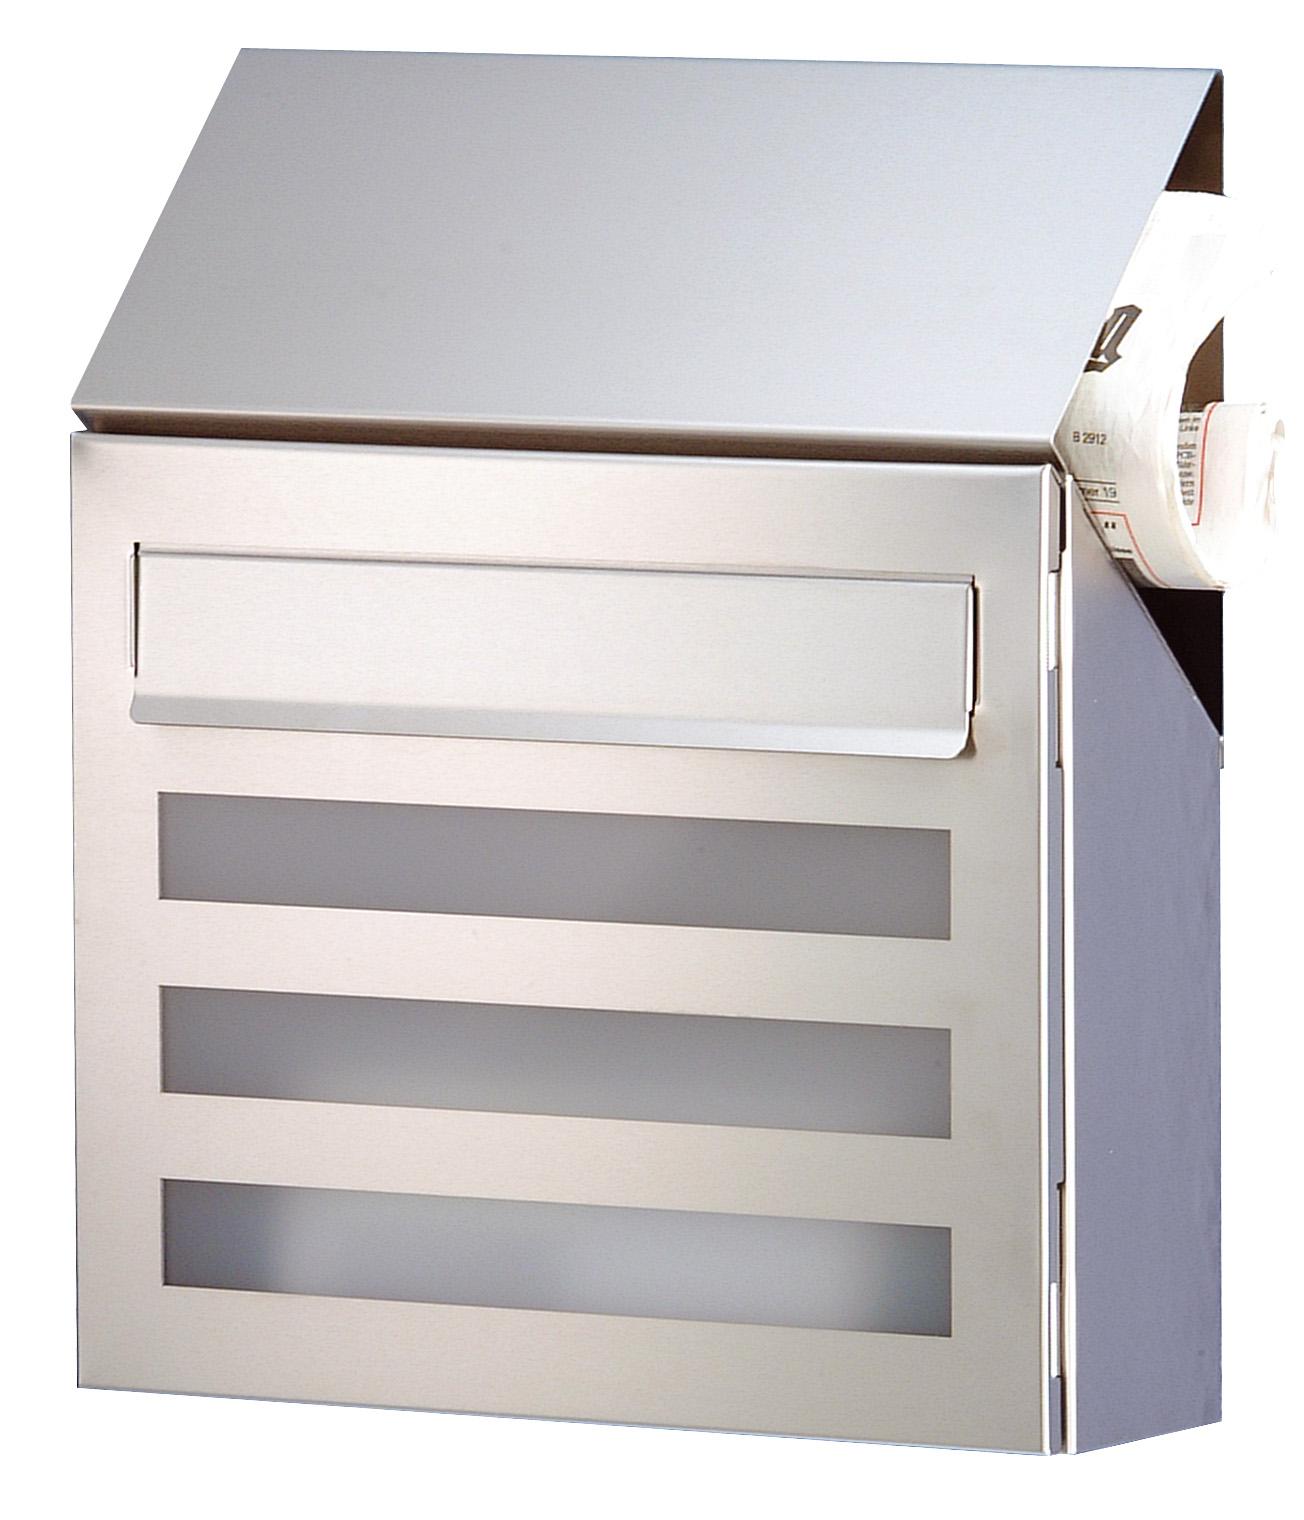 heibi design briefkasten edelstahl terno mit zeitungsfach schmitt smartes wohnen. Black Bedroom Furniture Sets. Home Design Ideas